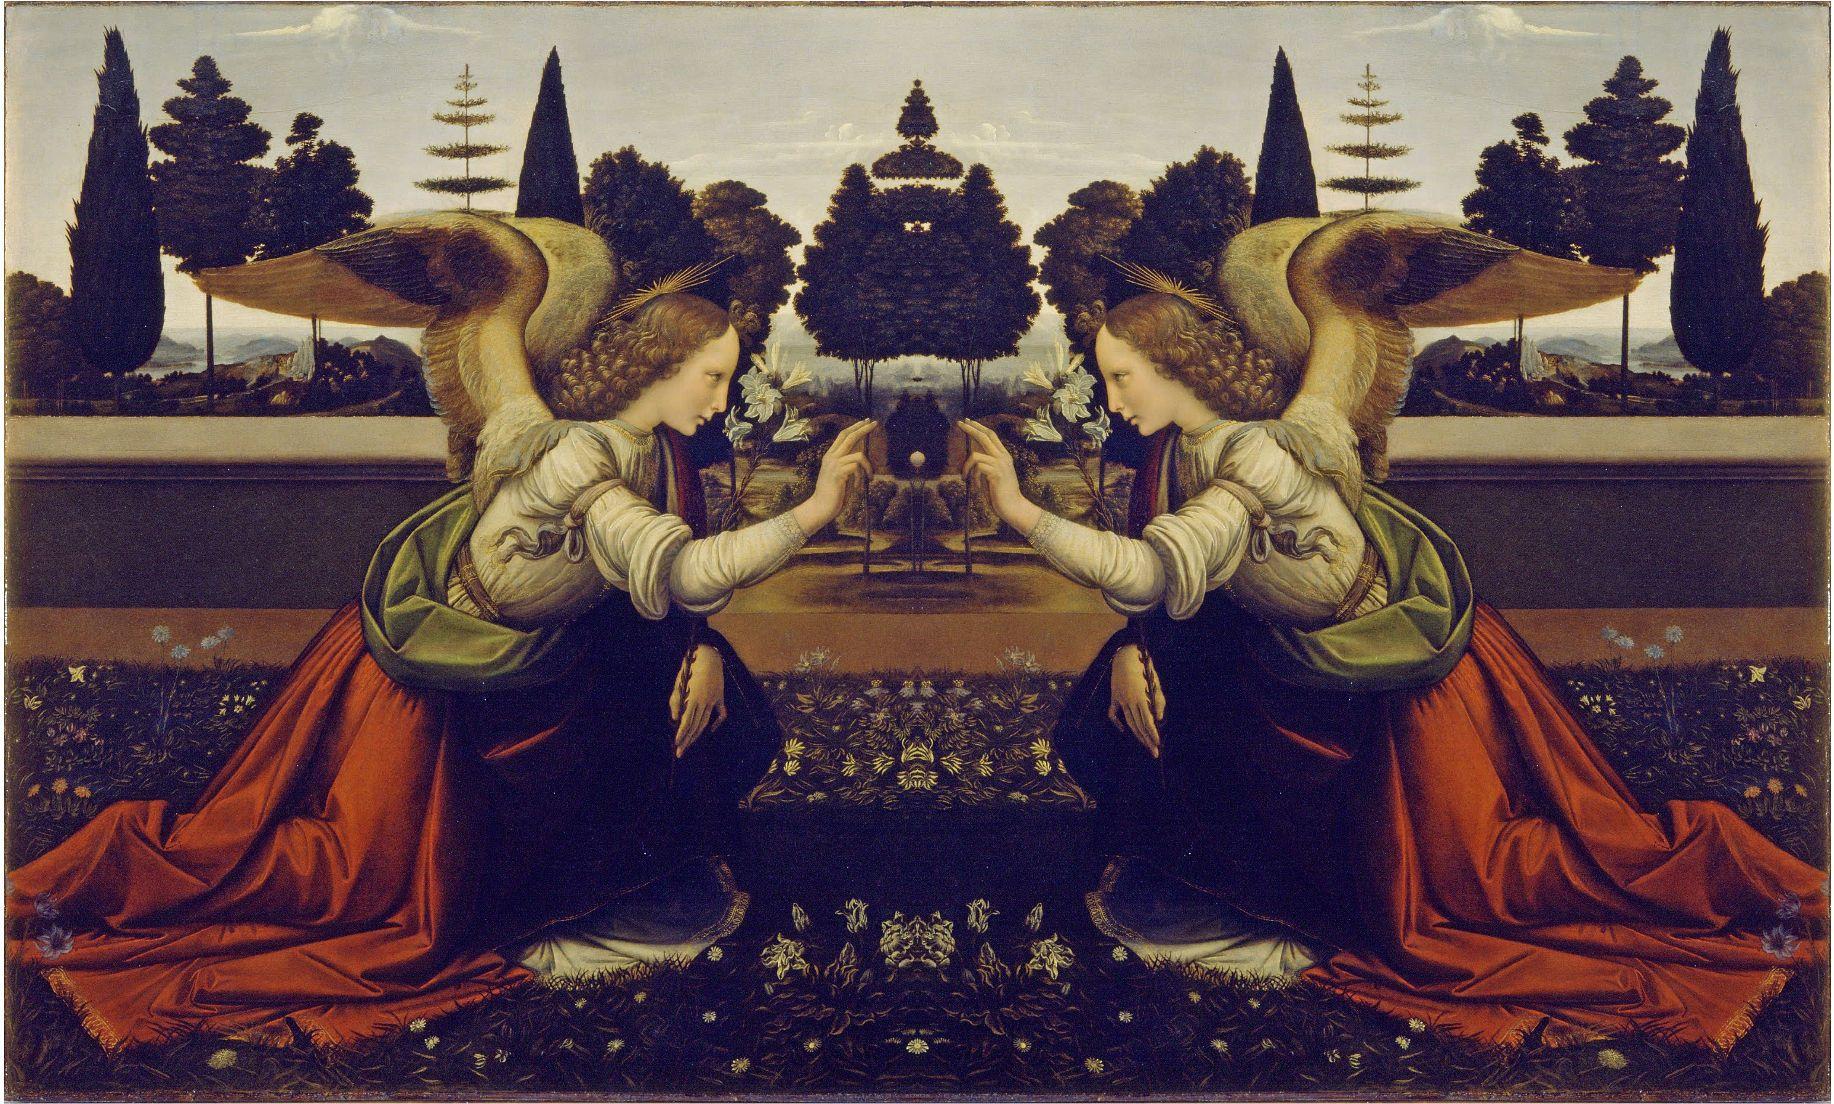 leonardo da vinci paintings | Da Vinci Mirror | Theory ... Da Vinci Paintings Mirrored